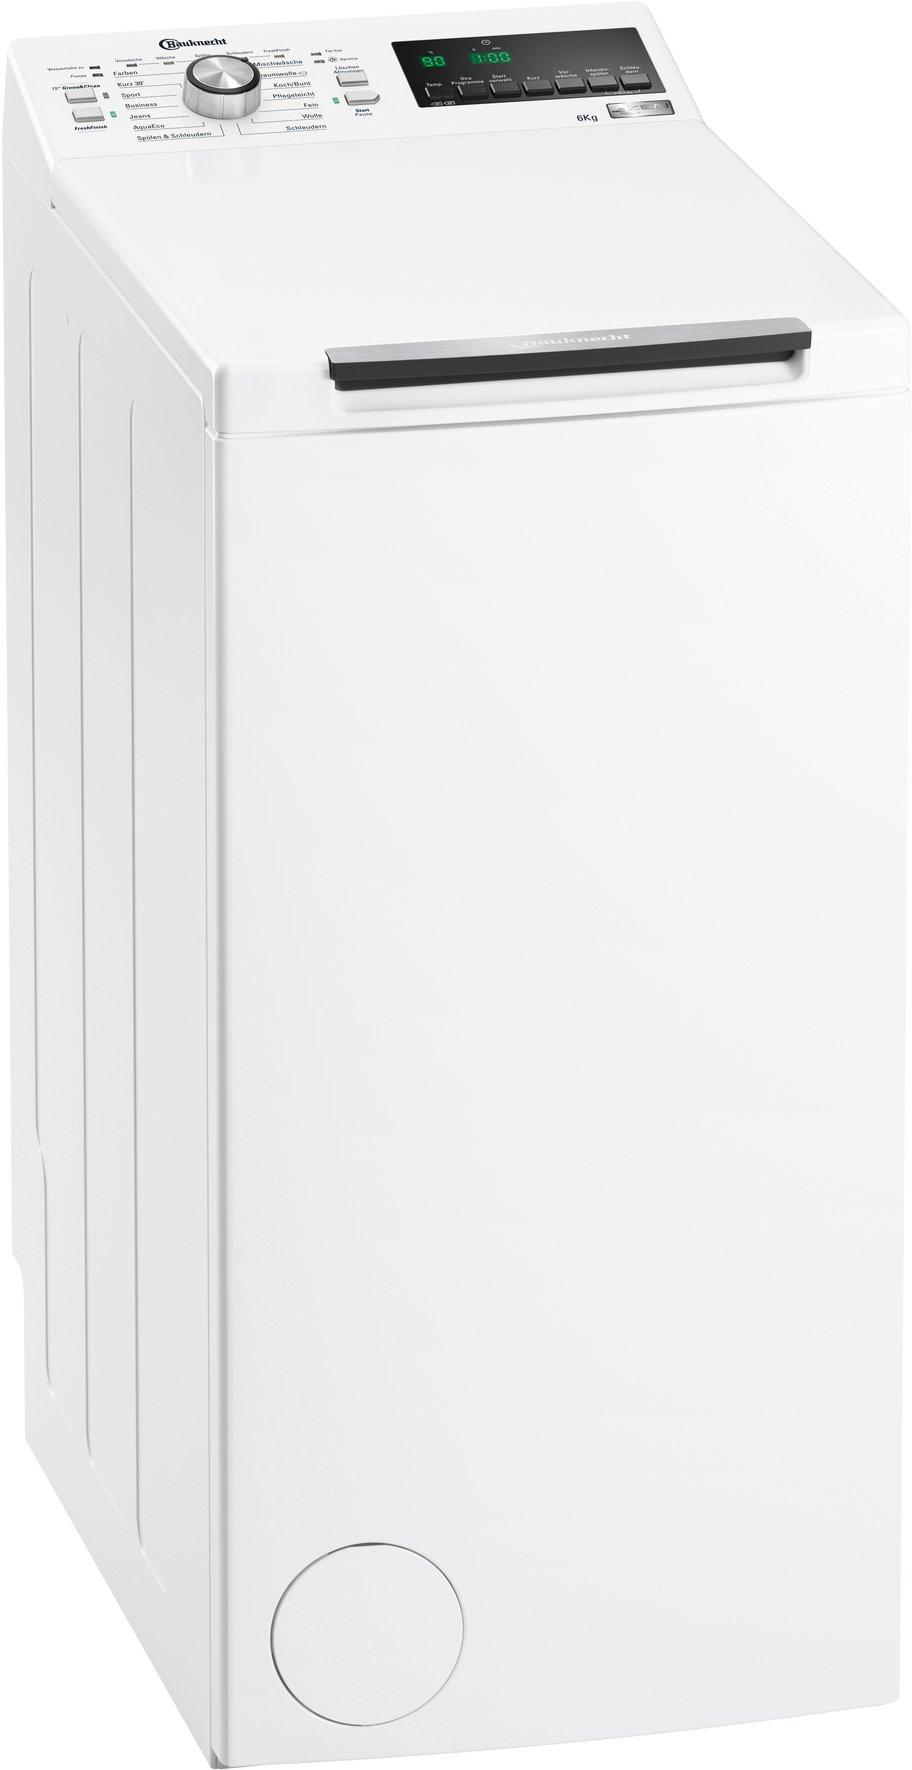 Bauknecht-WAT-Prime-652-Z-Waschmaschine-TLA-122-kWhJahr-1200-UpM-6-kgExtrem-leise-mit-48-dbZEN-Direktantriebwei